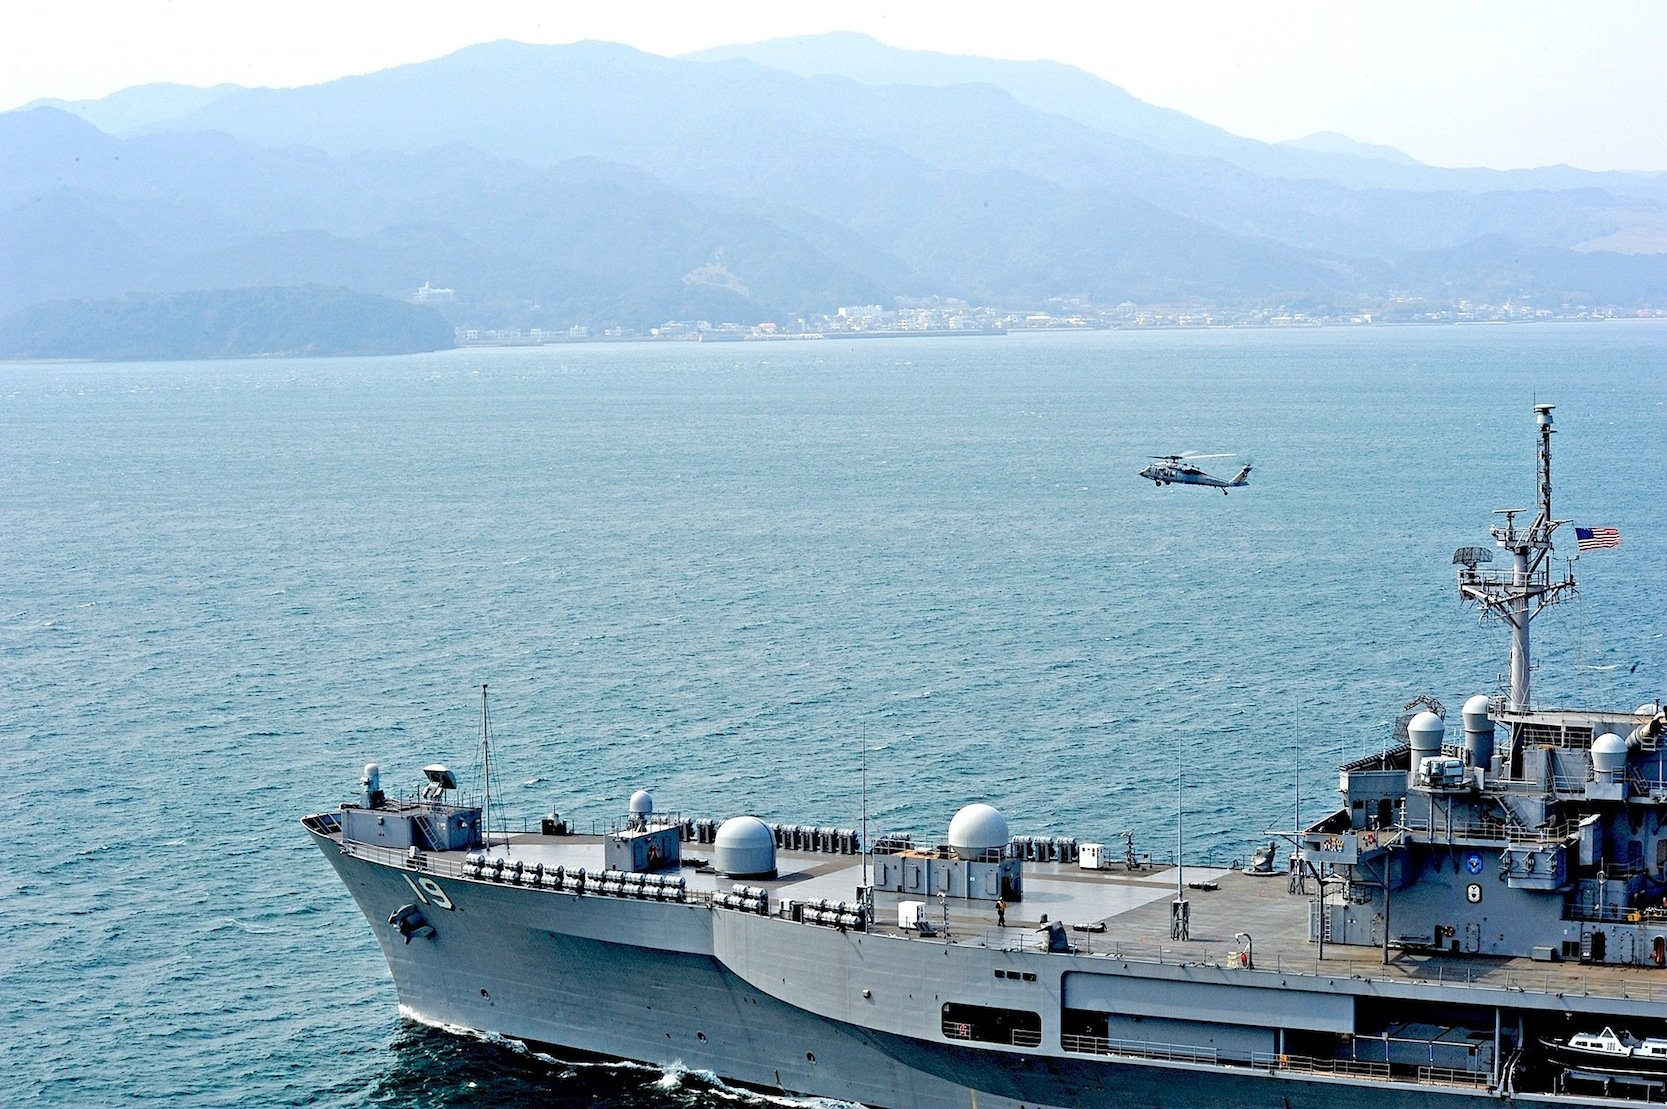 Das KommandoschiffUSS Blue Ridge vor der japanischen InselgruppeTomogashima: Die US-Marine testet jetzt einen Wasserstoffspeicher aus Dresden, der die Energieversorgung auf Schiffen verbessern kann, die lange unterwegs sind.